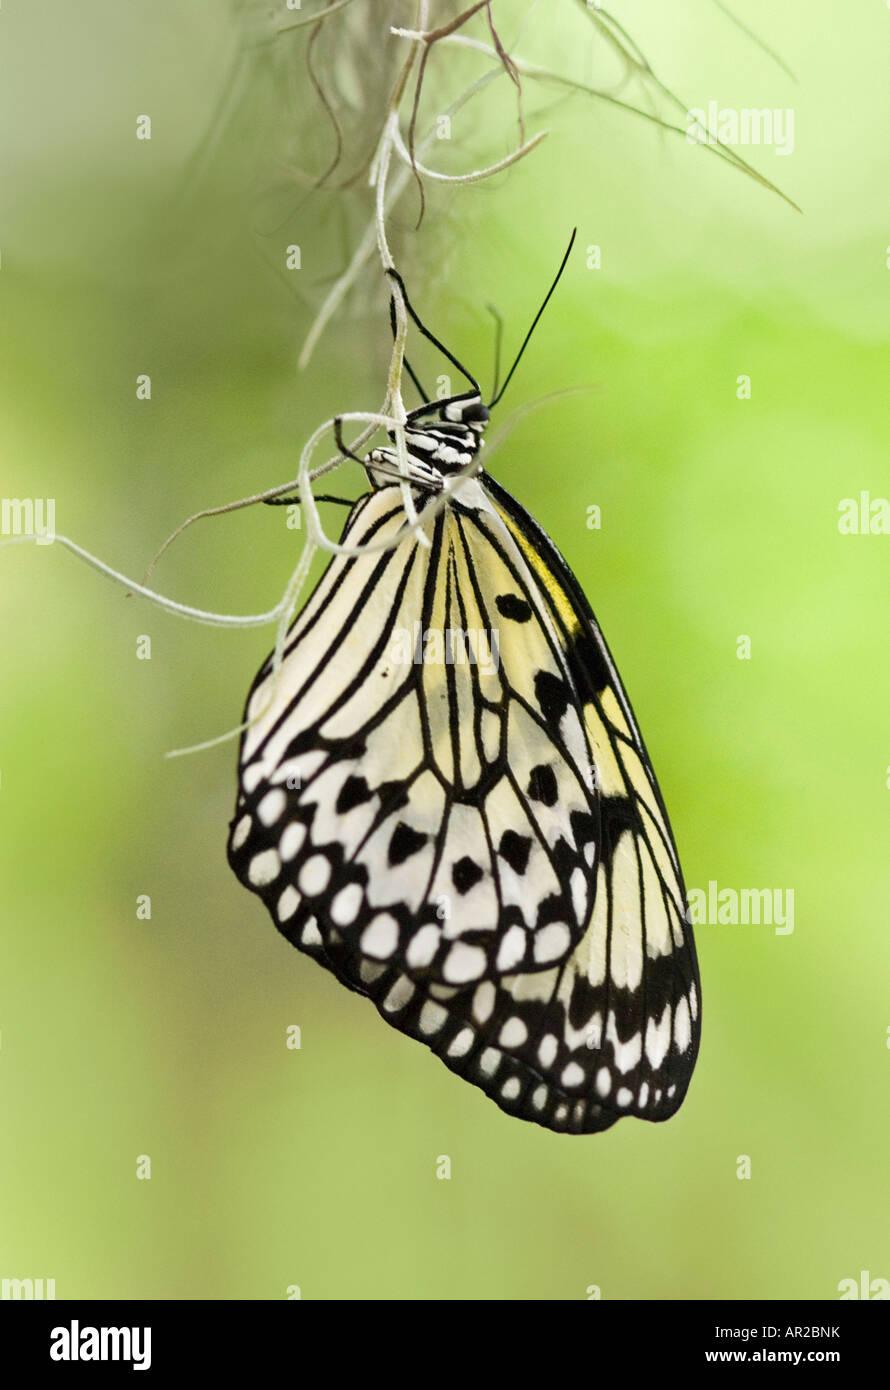 Nymphe des arbres aussi connu sous le nom de Papillon Kite Butterfliy Papier et papier de riz Butterfly Photo Stock